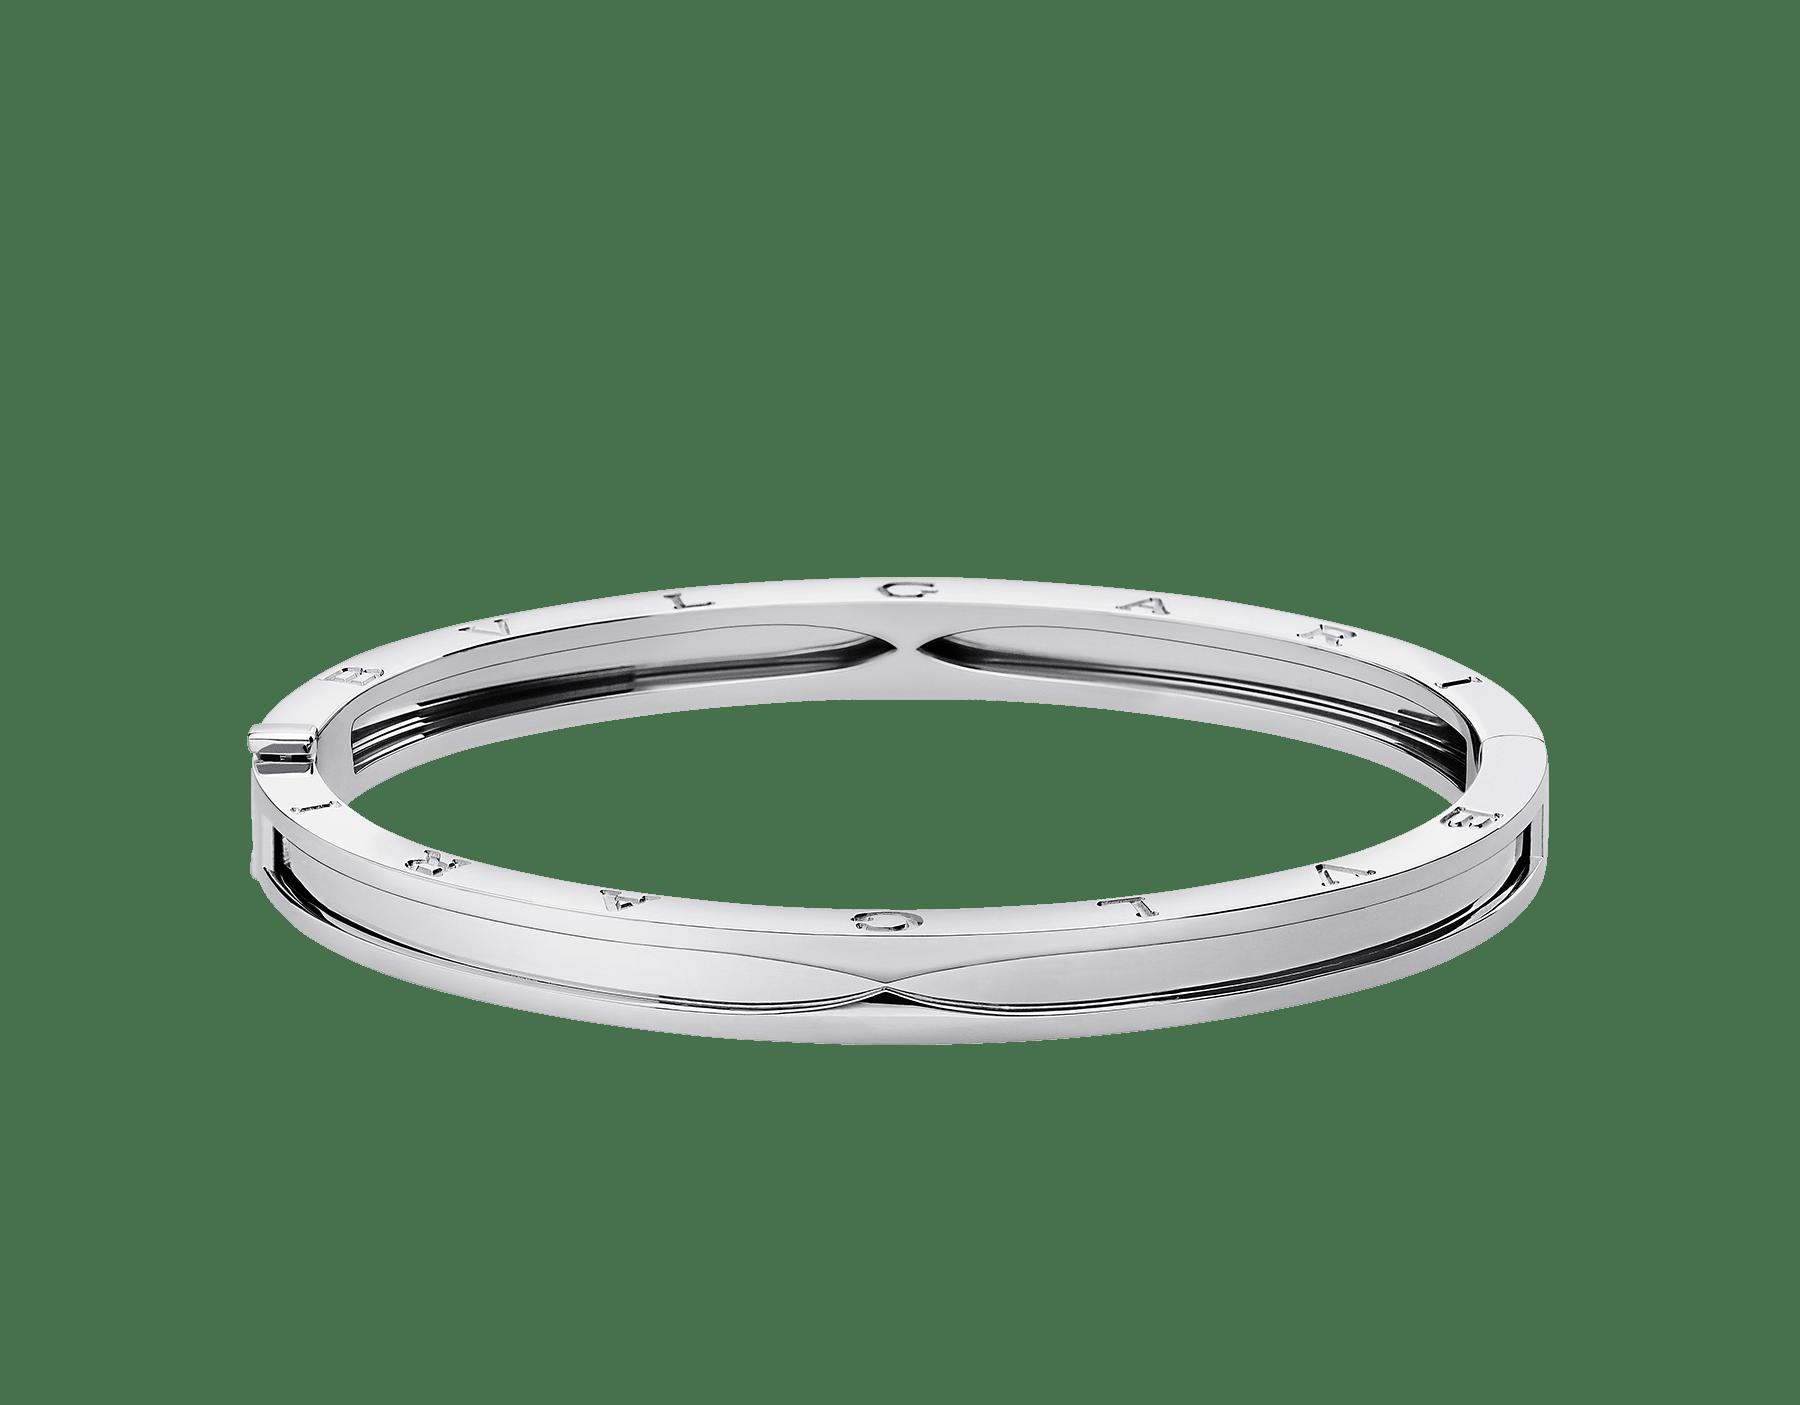 Le délicat et sensuel bracelet jonc B.zero1, avec son emblématique spirale étirée à son maximum, révèle son esprit contemporain à travers un design charismatique caractérisé par des courbes fluides et géométriques. BR857412 image 2